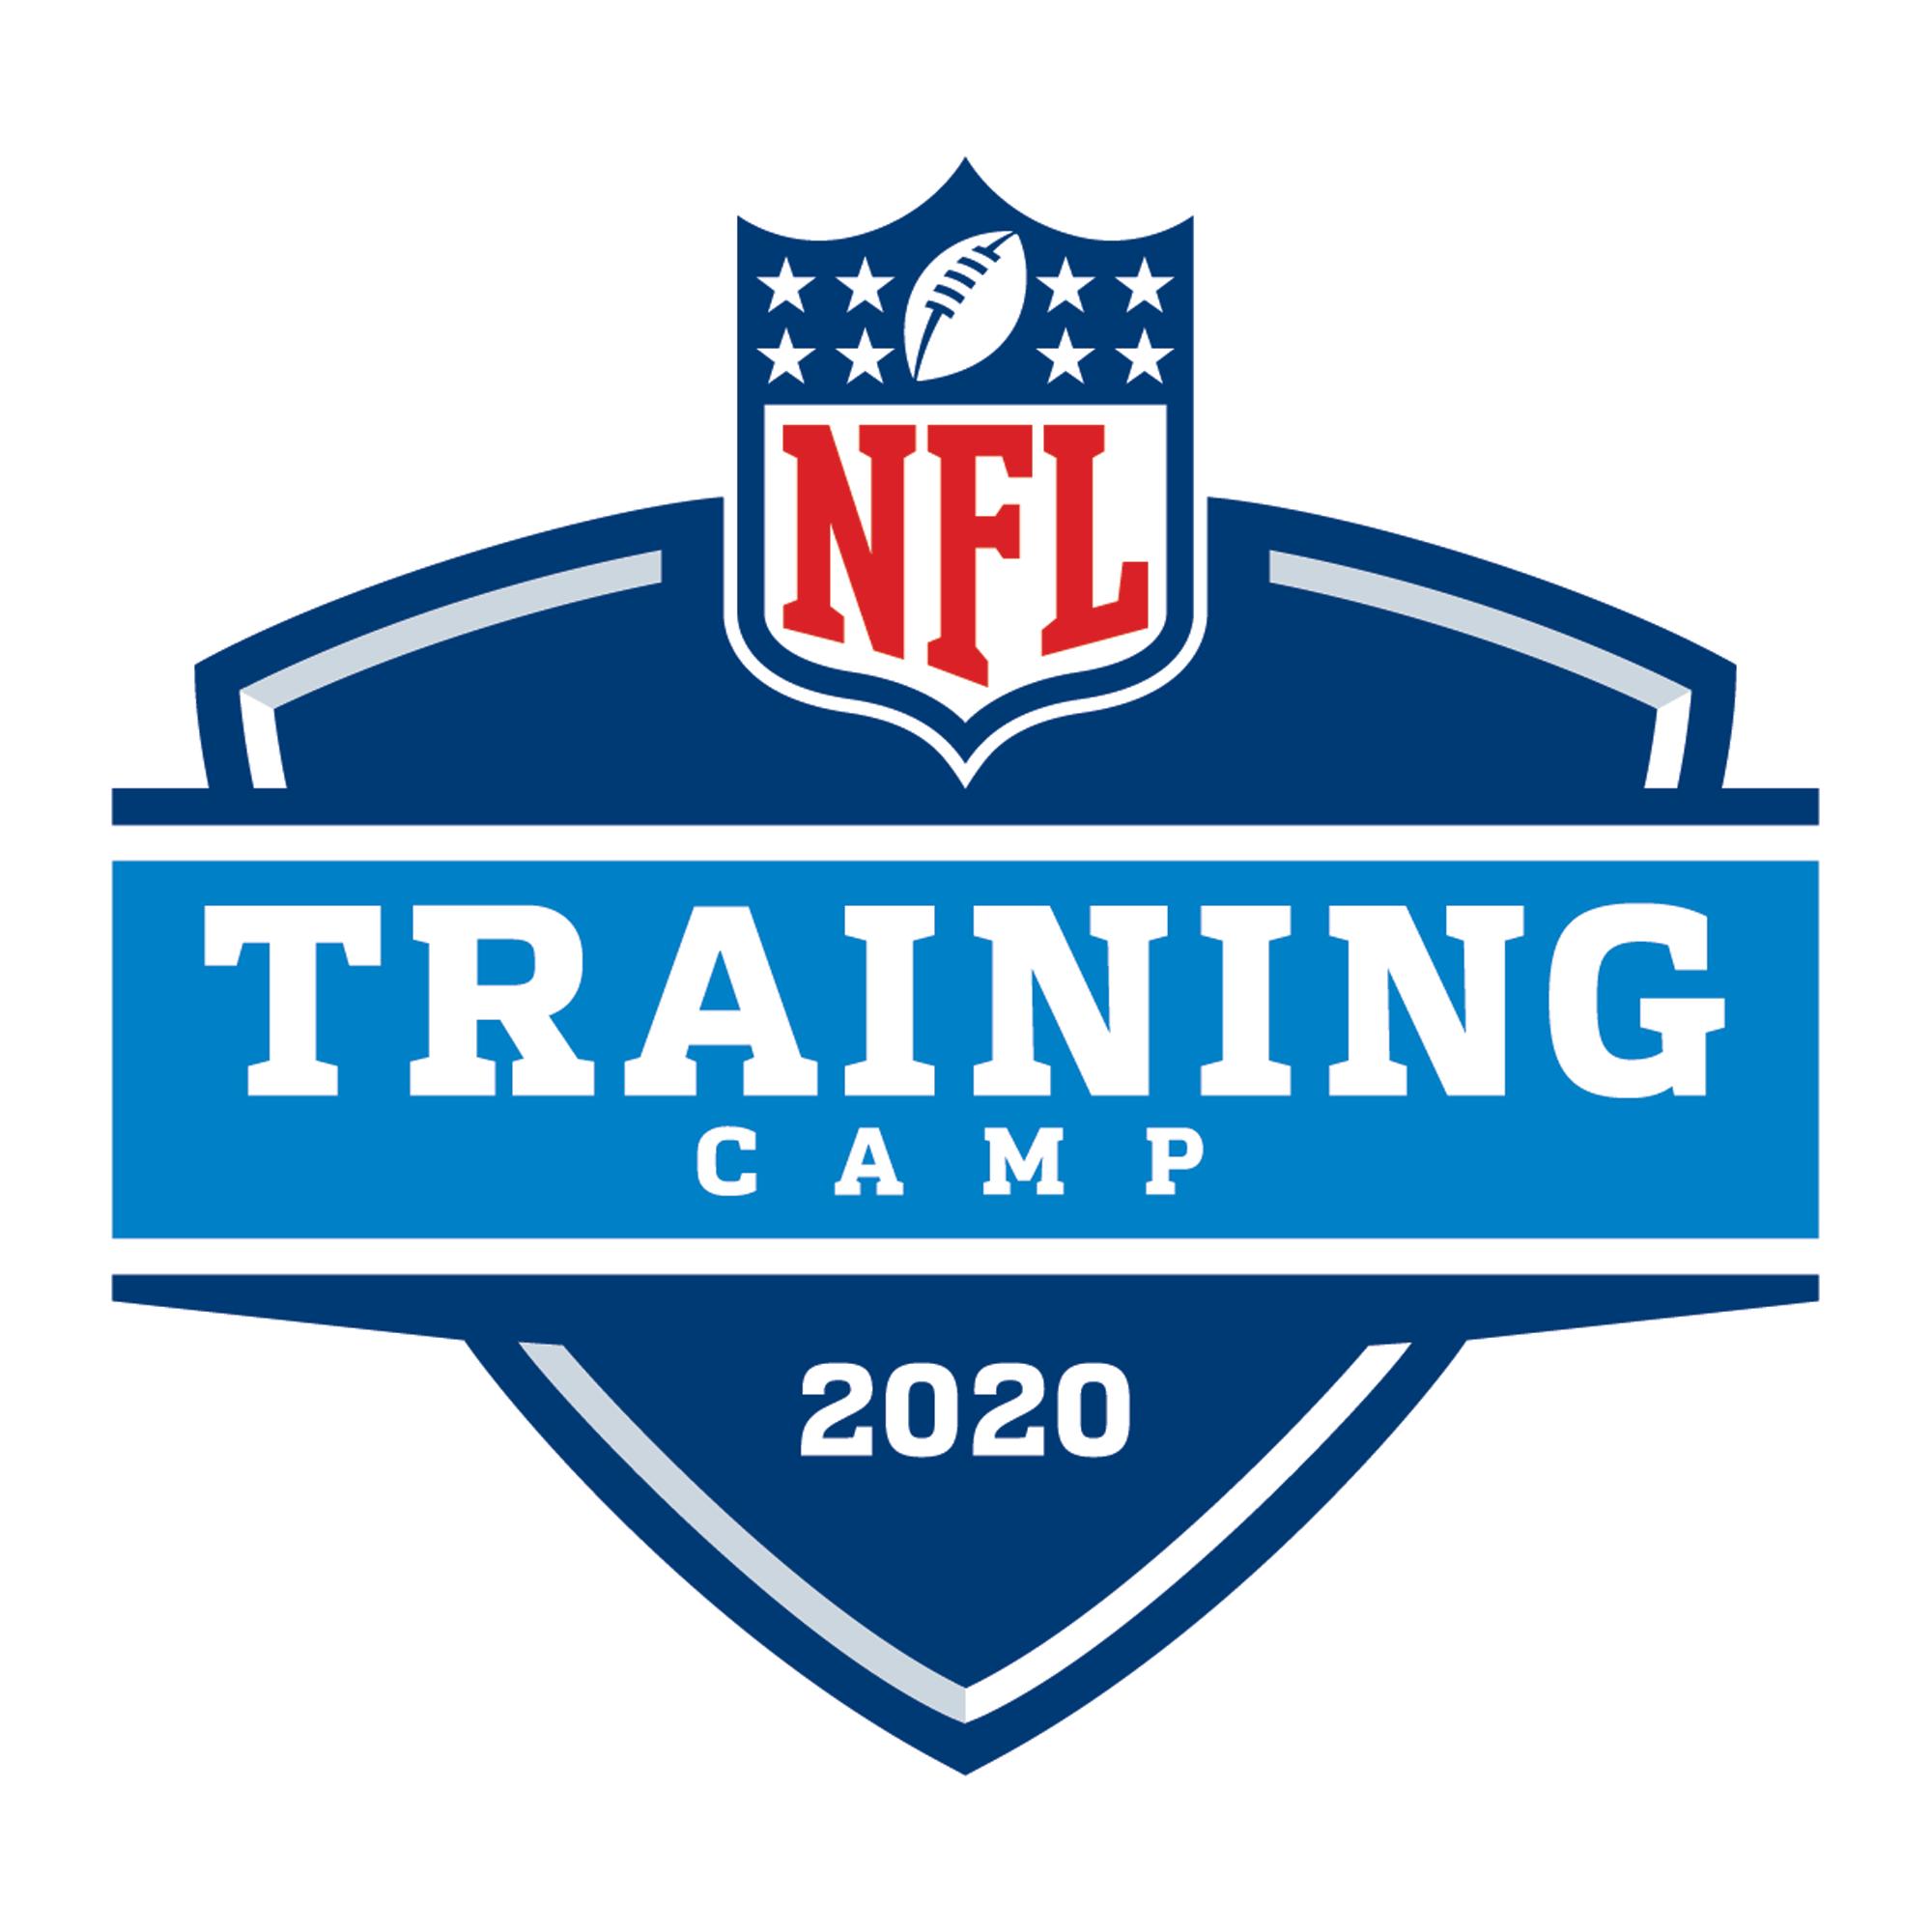 Logo_Event_TrainingCamp_2020